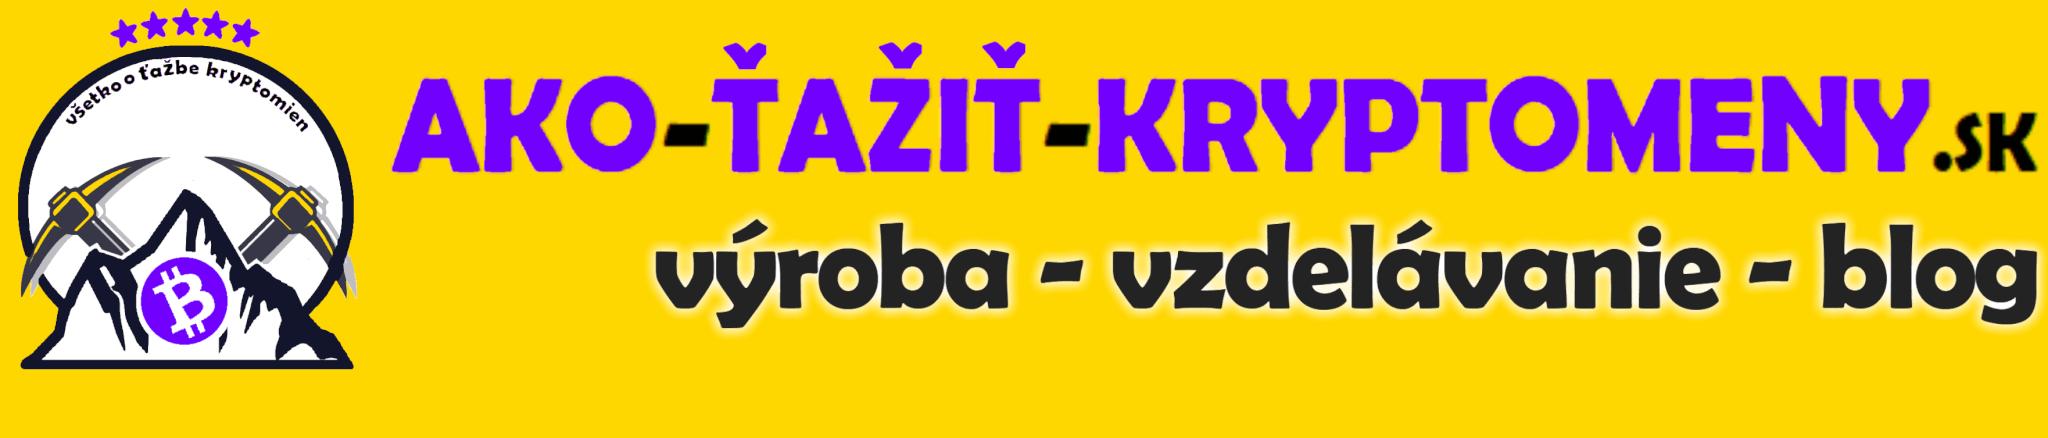 ako-tazit-kryptomeny.sk